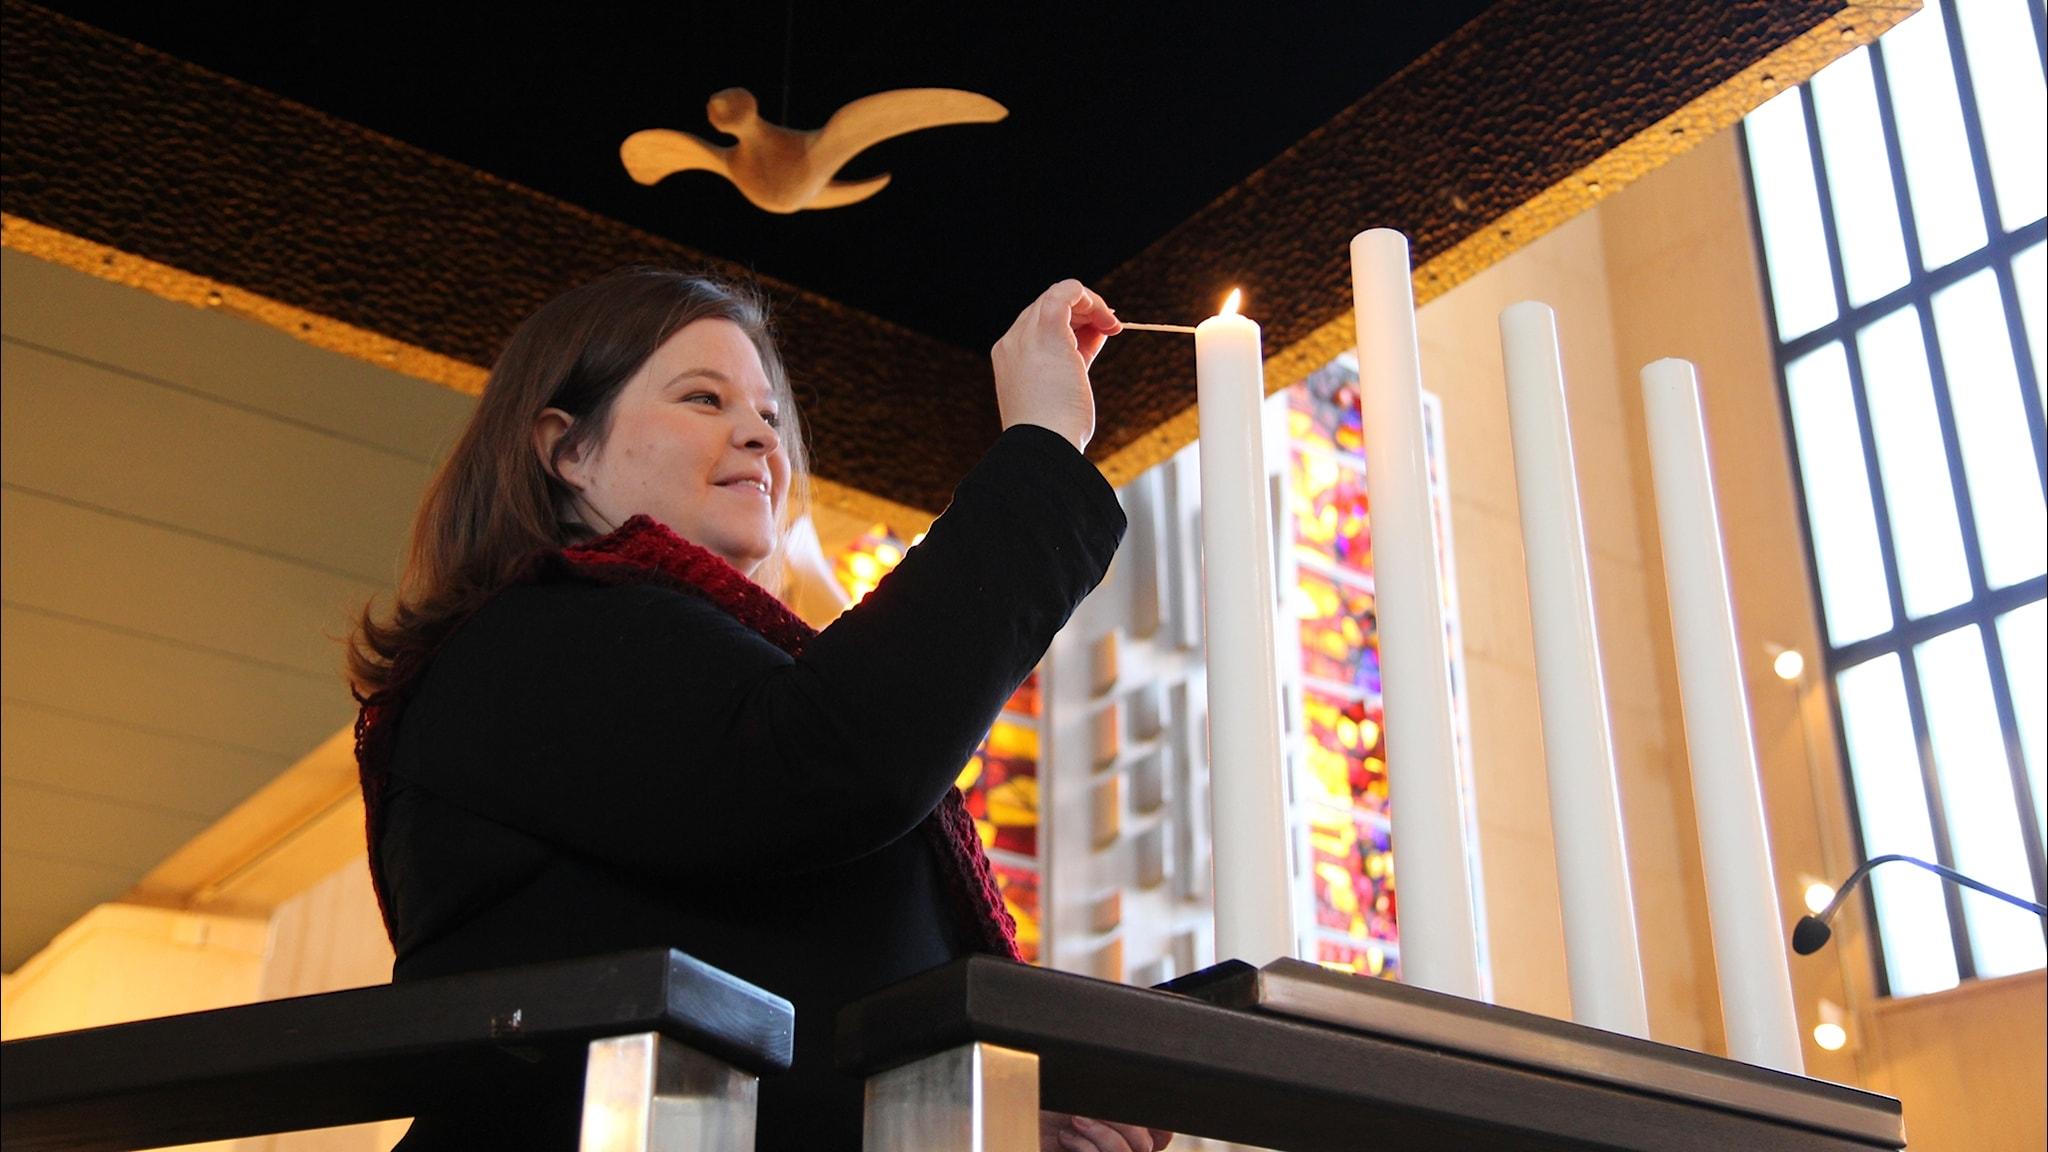 Börja året med ljus - Första advent